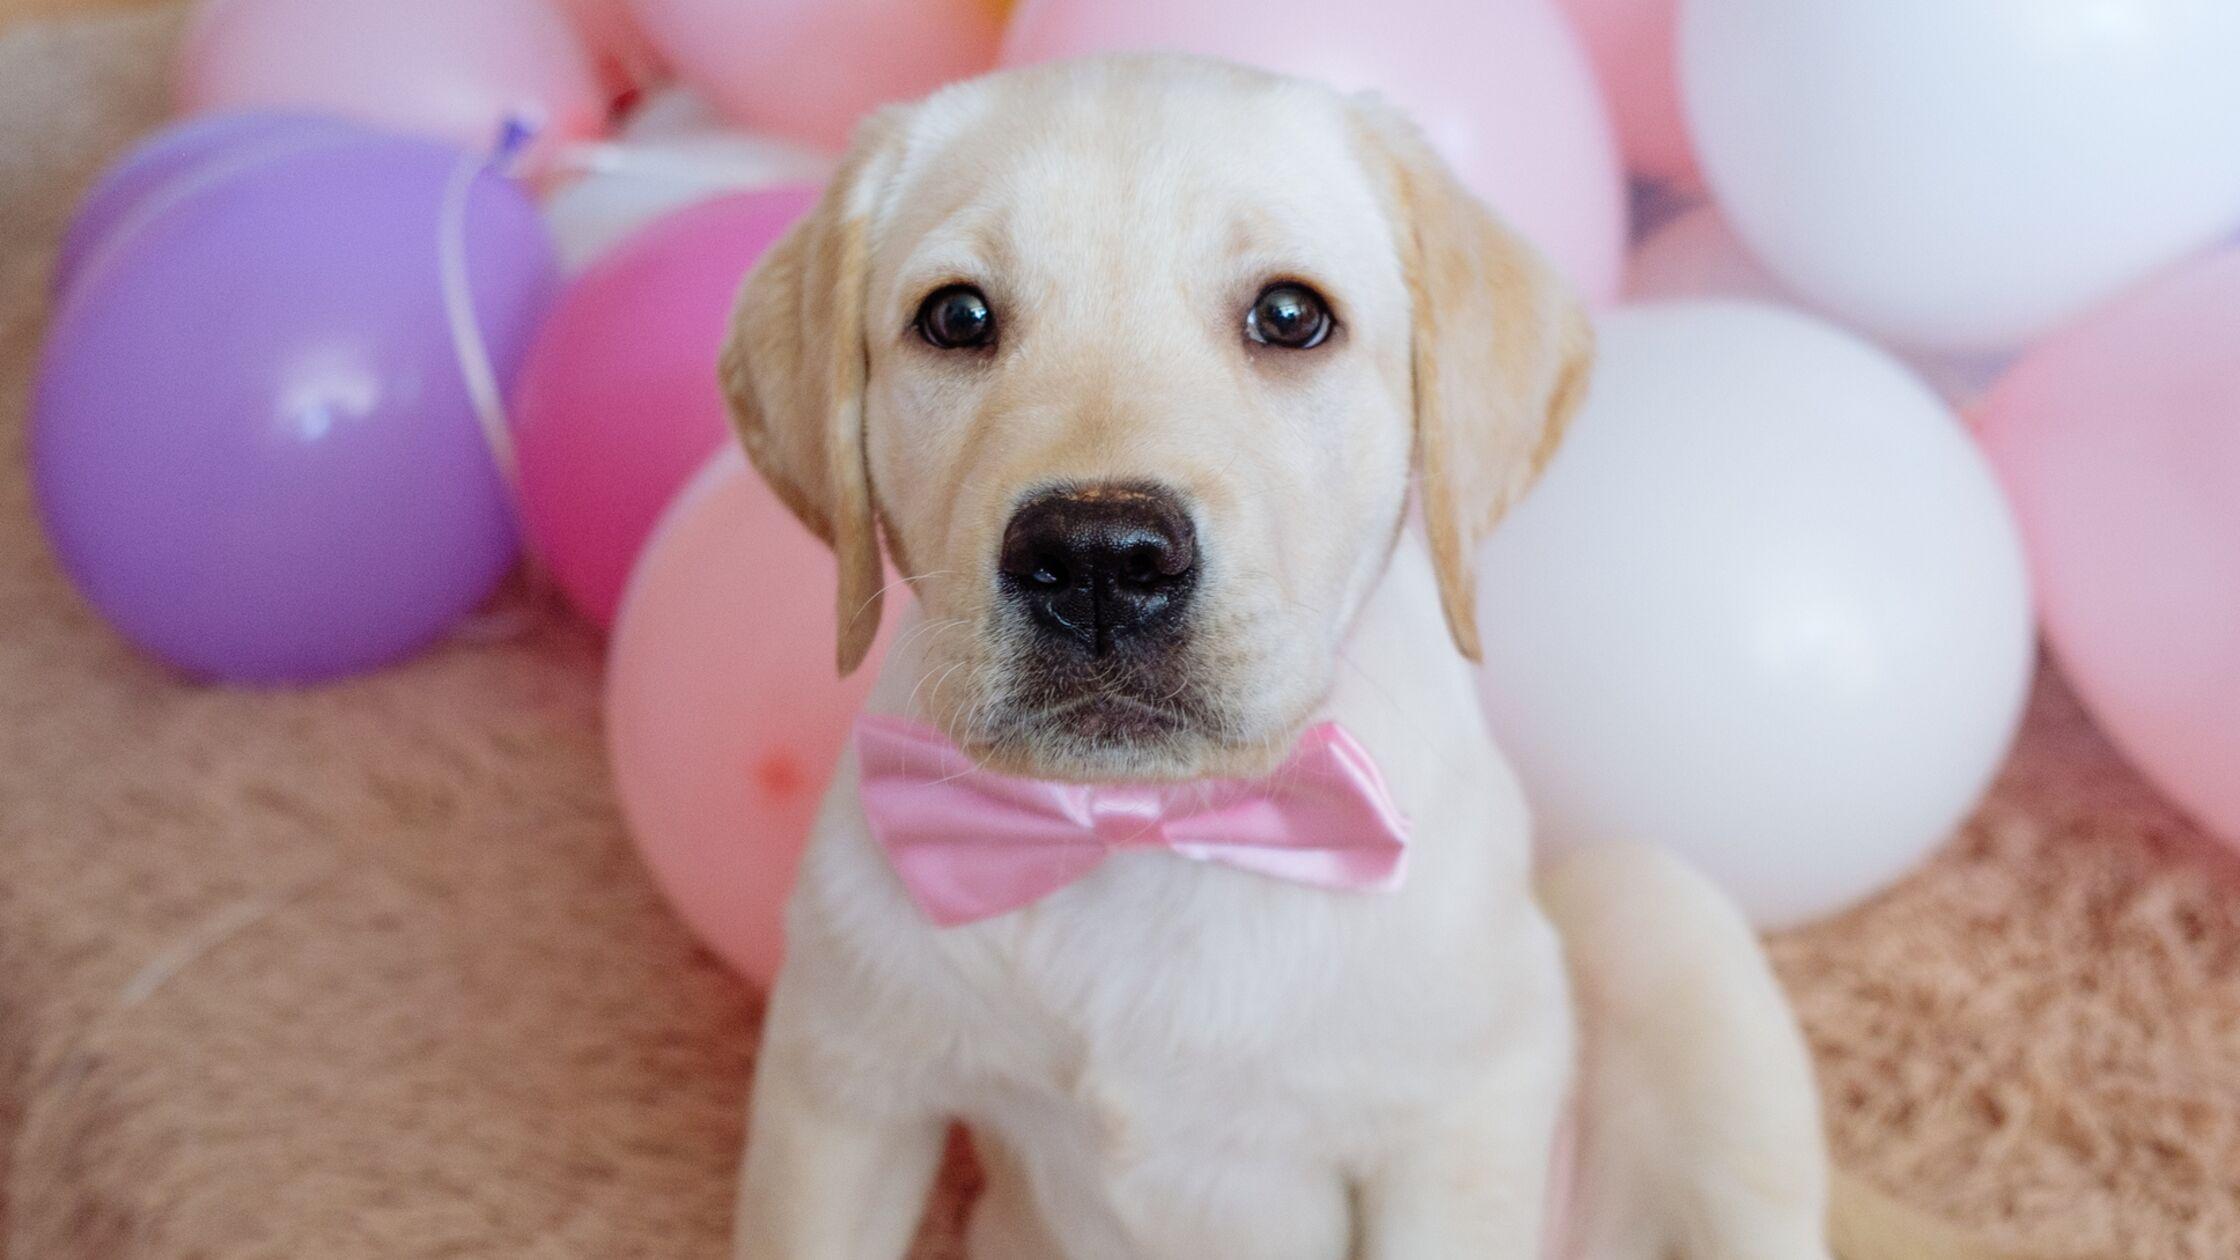 Süßer Labradorwelpe mit rosa Fliege sitzt vor einem Haufen bunter Luftballons